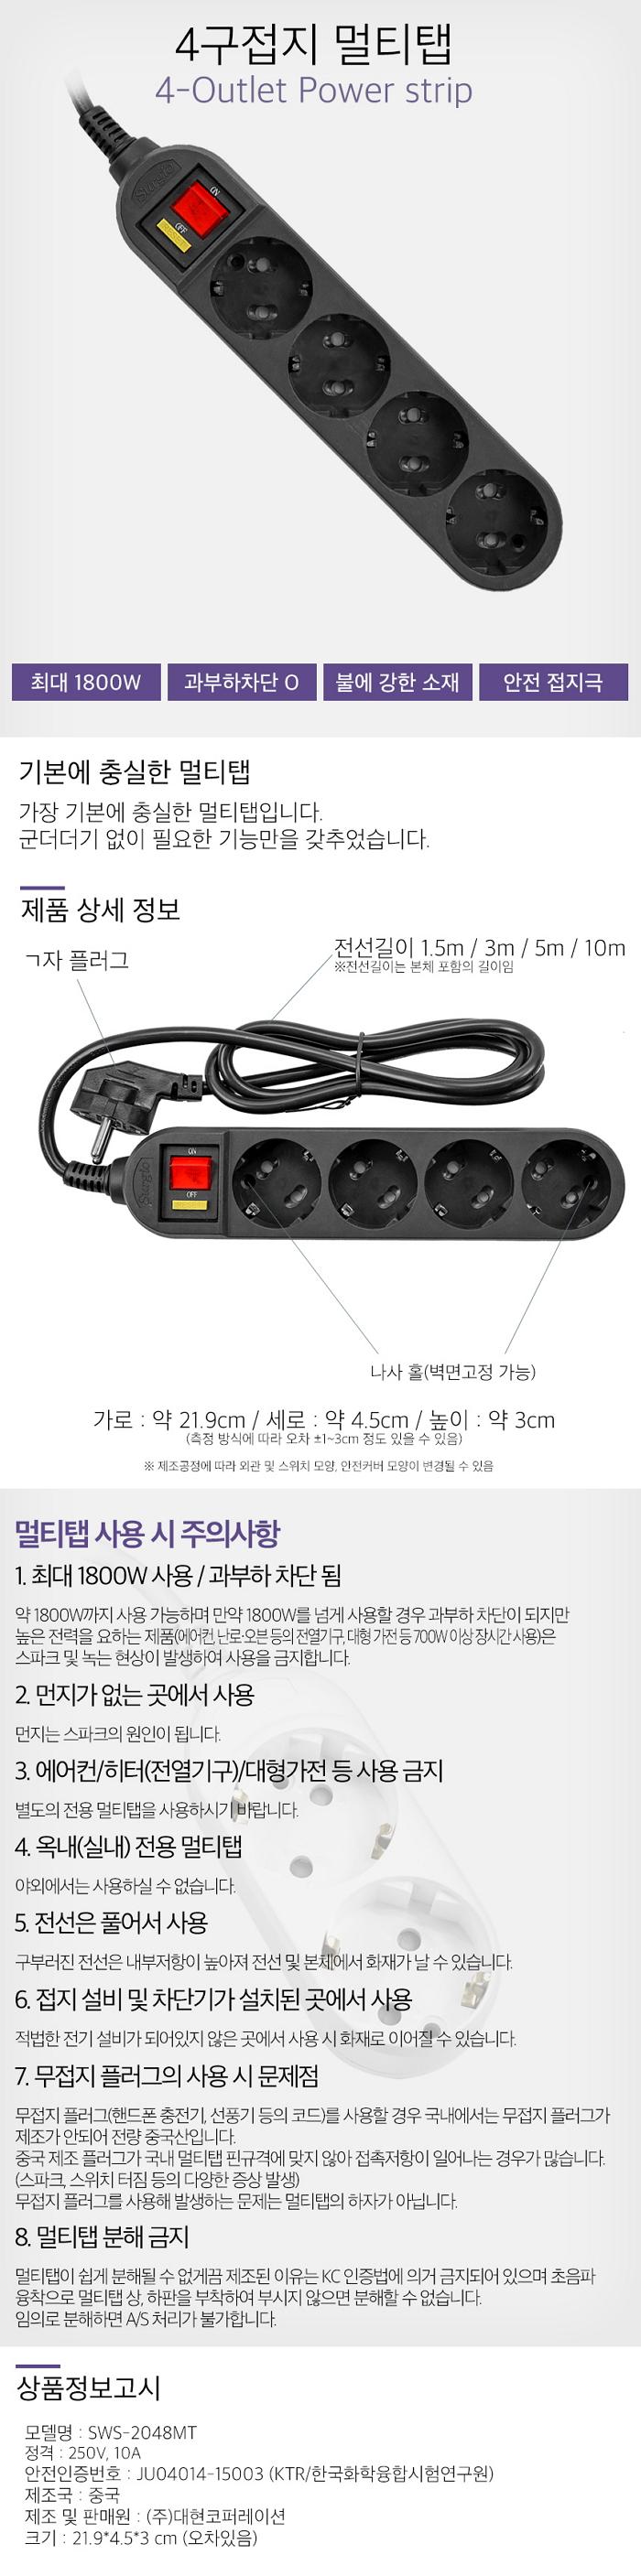 대현코퍼레이션 써지오 5구 10A 메인 스위치 멀티탭 신형 (3m)